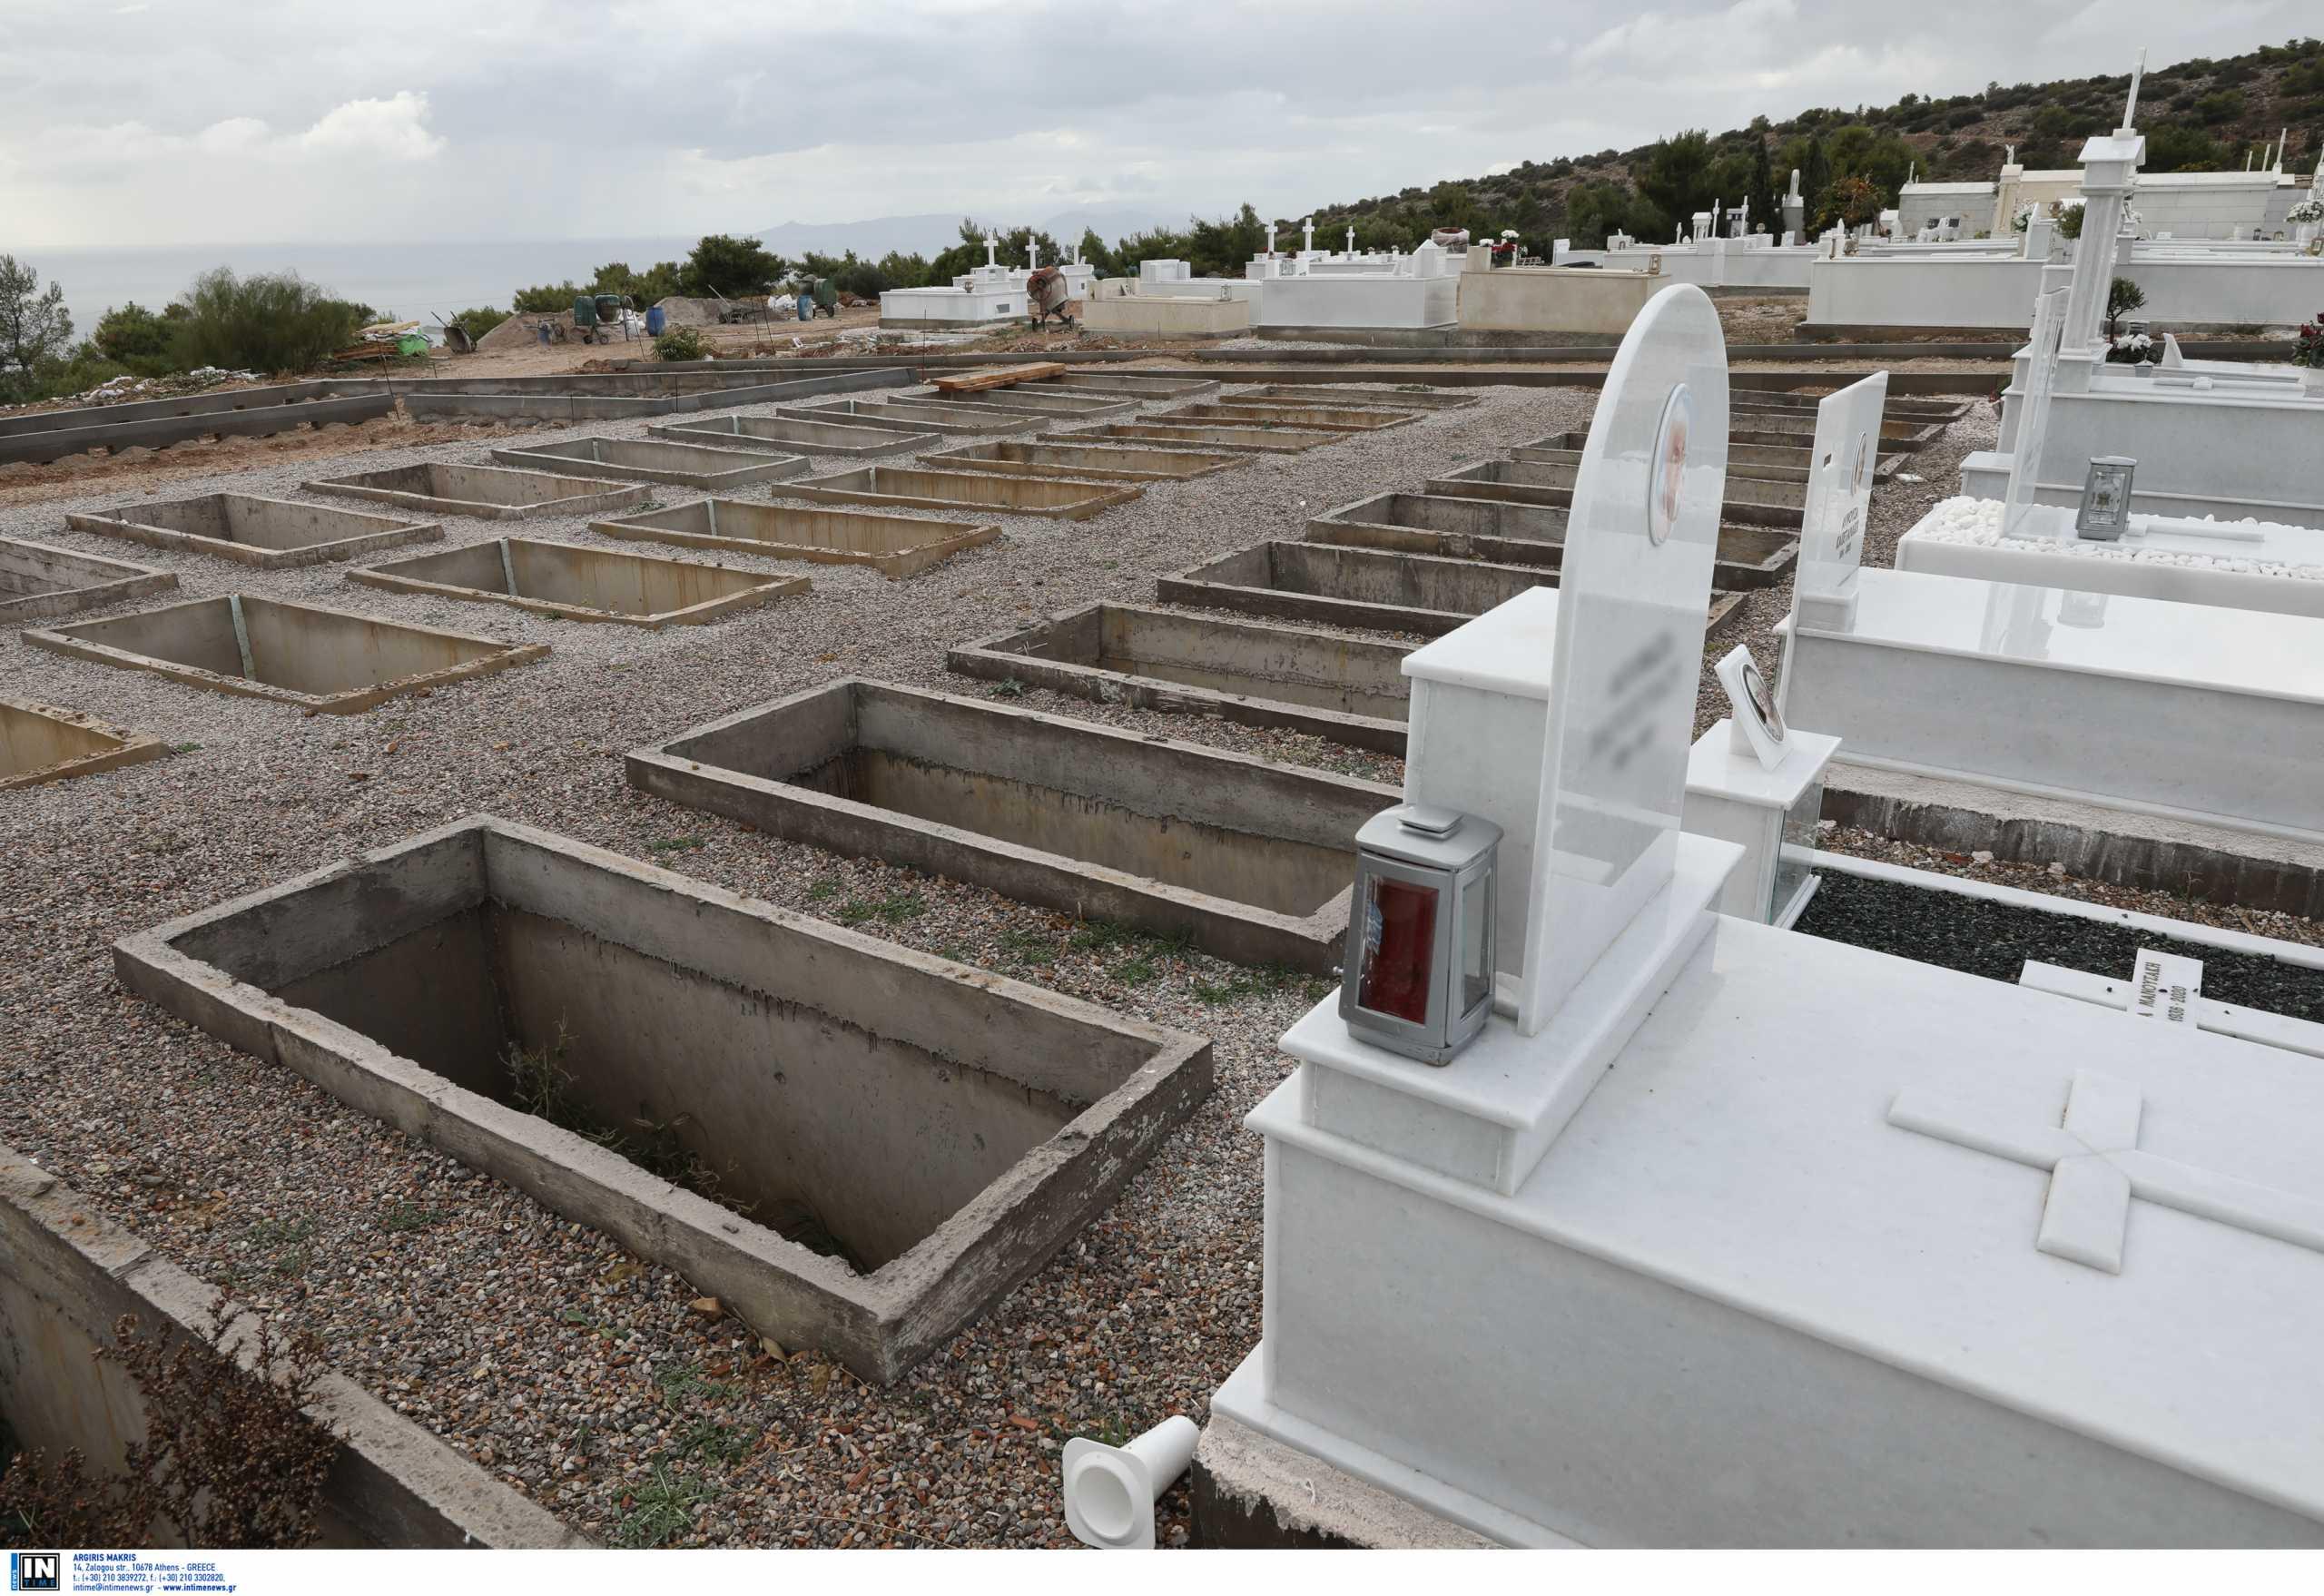 Κορονοϊός – Αποκάλυψη Λαζανά: Αρνητές ζητούν εκταφή συγγενών τους για να διαπιστώσουν αν πέθαναν από Covid